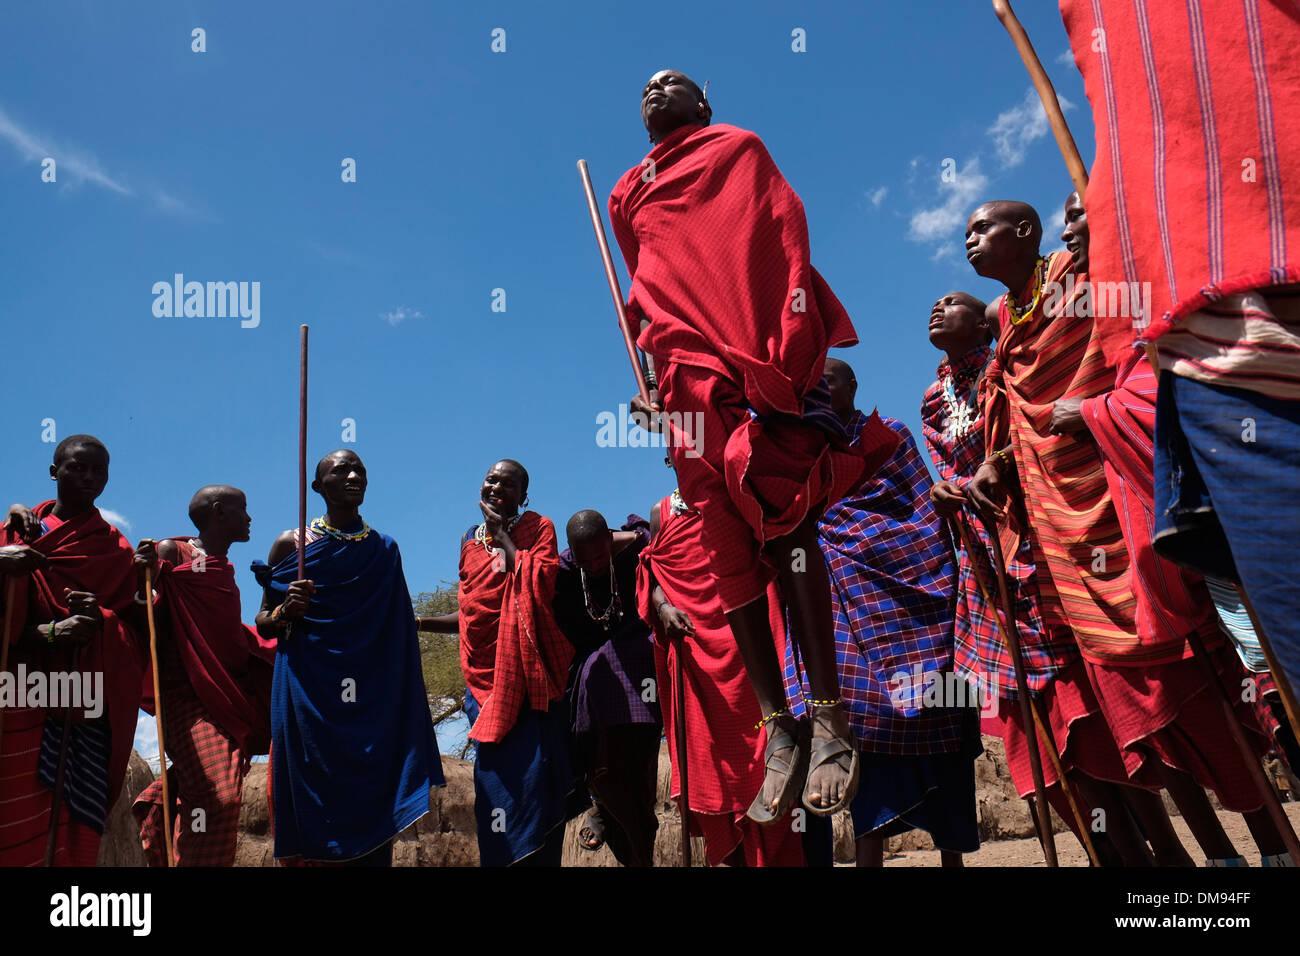 Eine Gruppe von Massai Männer, die sich an der traditionellen Adumu Tanz allgemein bekannt als das Springen Tanz in einem kommenden alt Zeremonie für junge Krieger in der Masai Stamm in der Ngorongoro Conservation Area im Krater im Hochland von Tansania Ostafrika durchgeführt Stockfoto